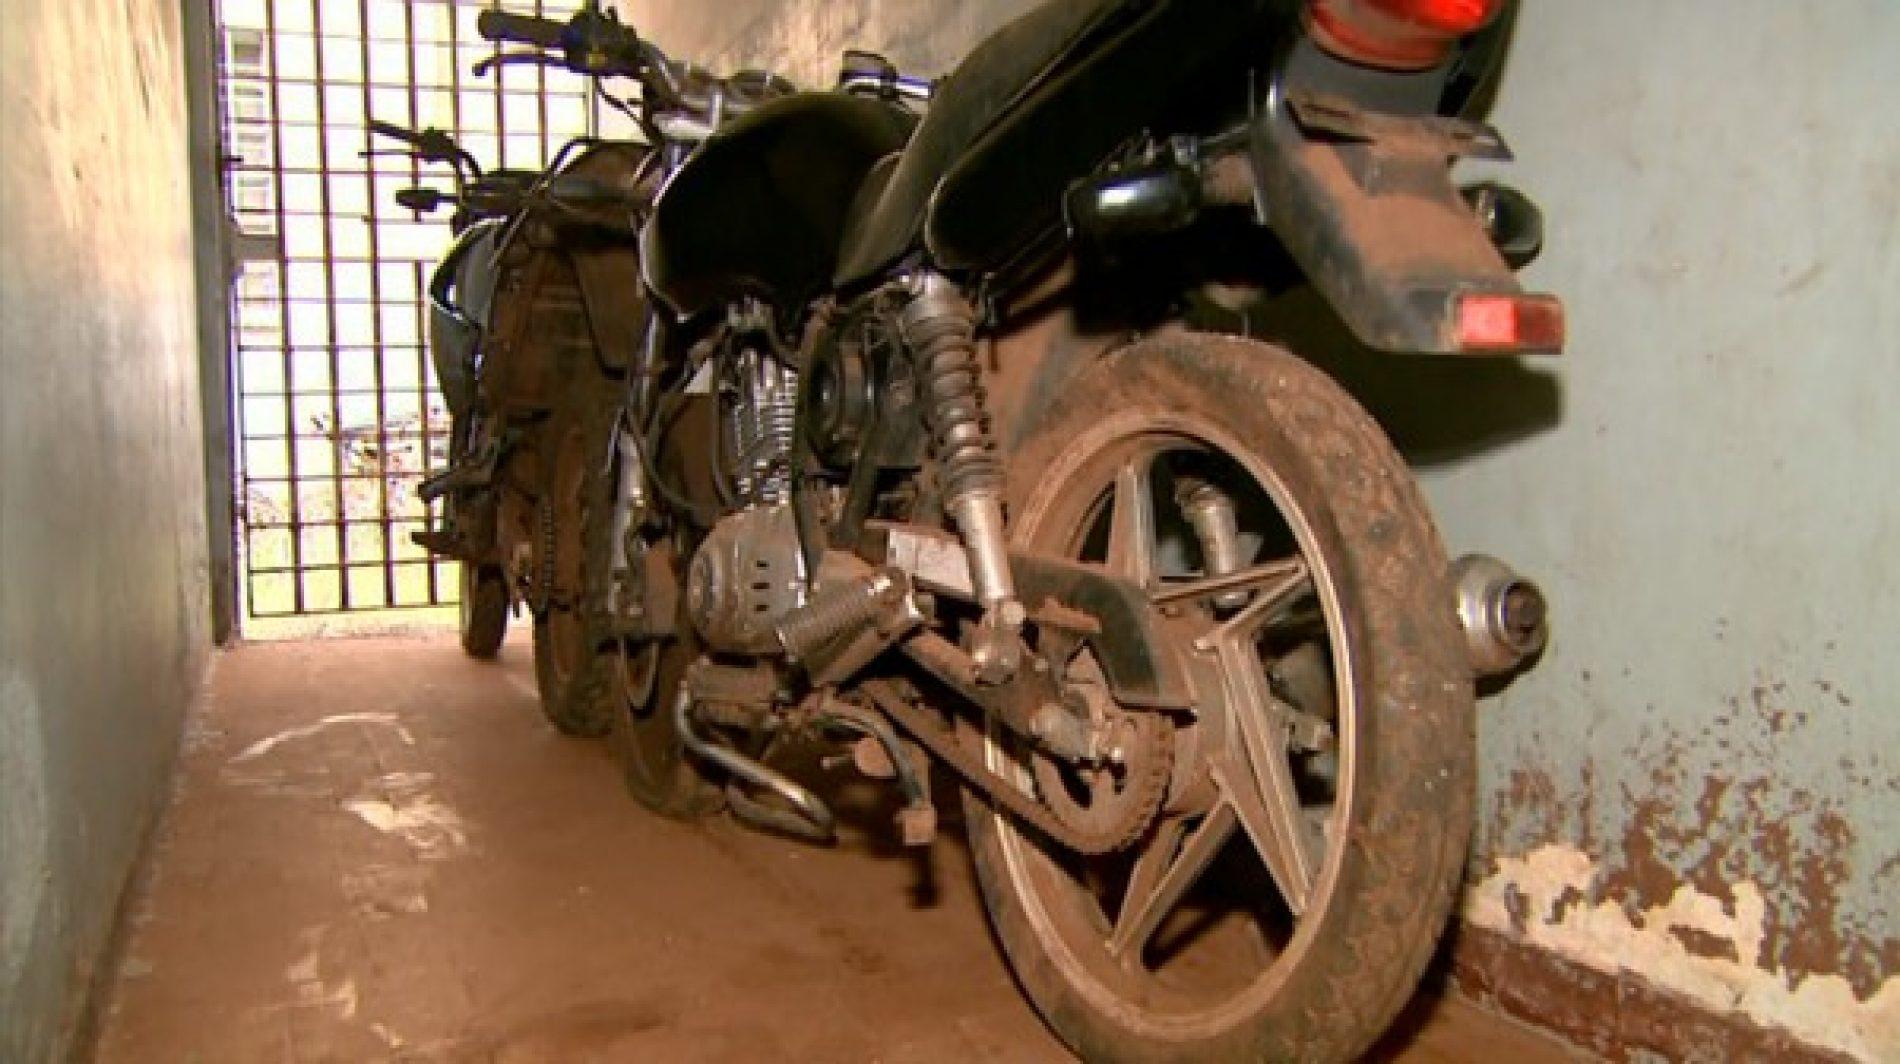 MIGUELÓPOLIS: Ladrões quebram muro, invadem delegacia e furtam motos apreendidas